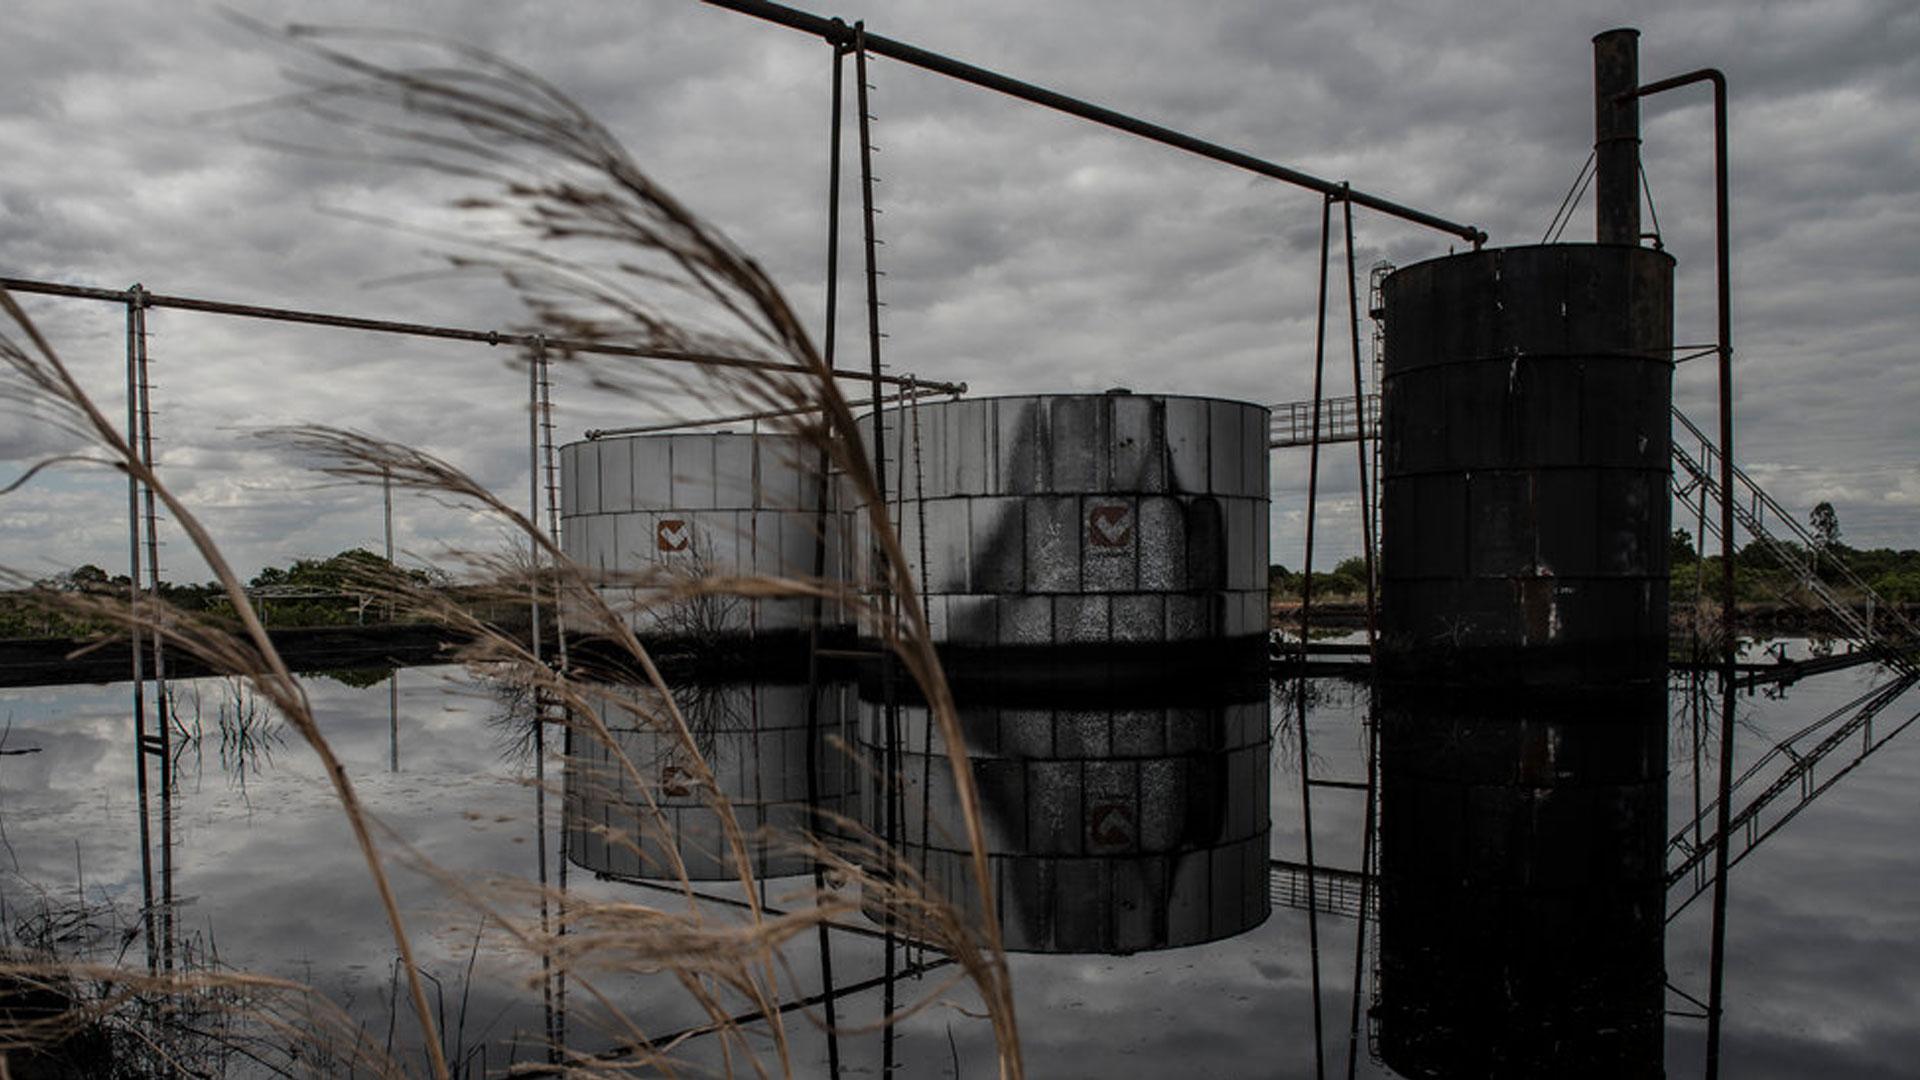 Tanques de almacenamiento de Pdvsa están en estado crítico